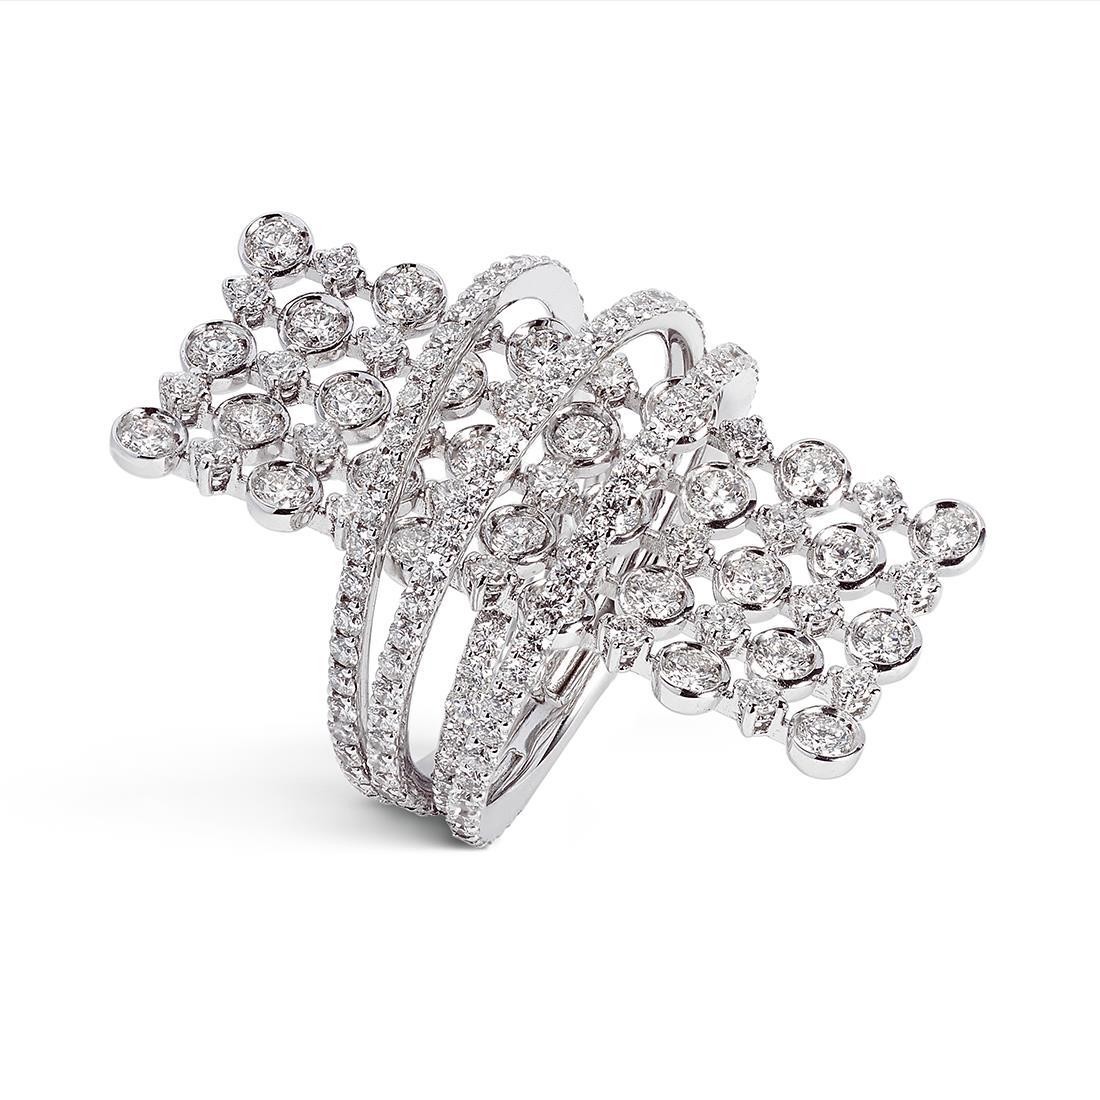 Anello in oro bianco con pavé di diamanti - ALFIERI & ST. JOHN